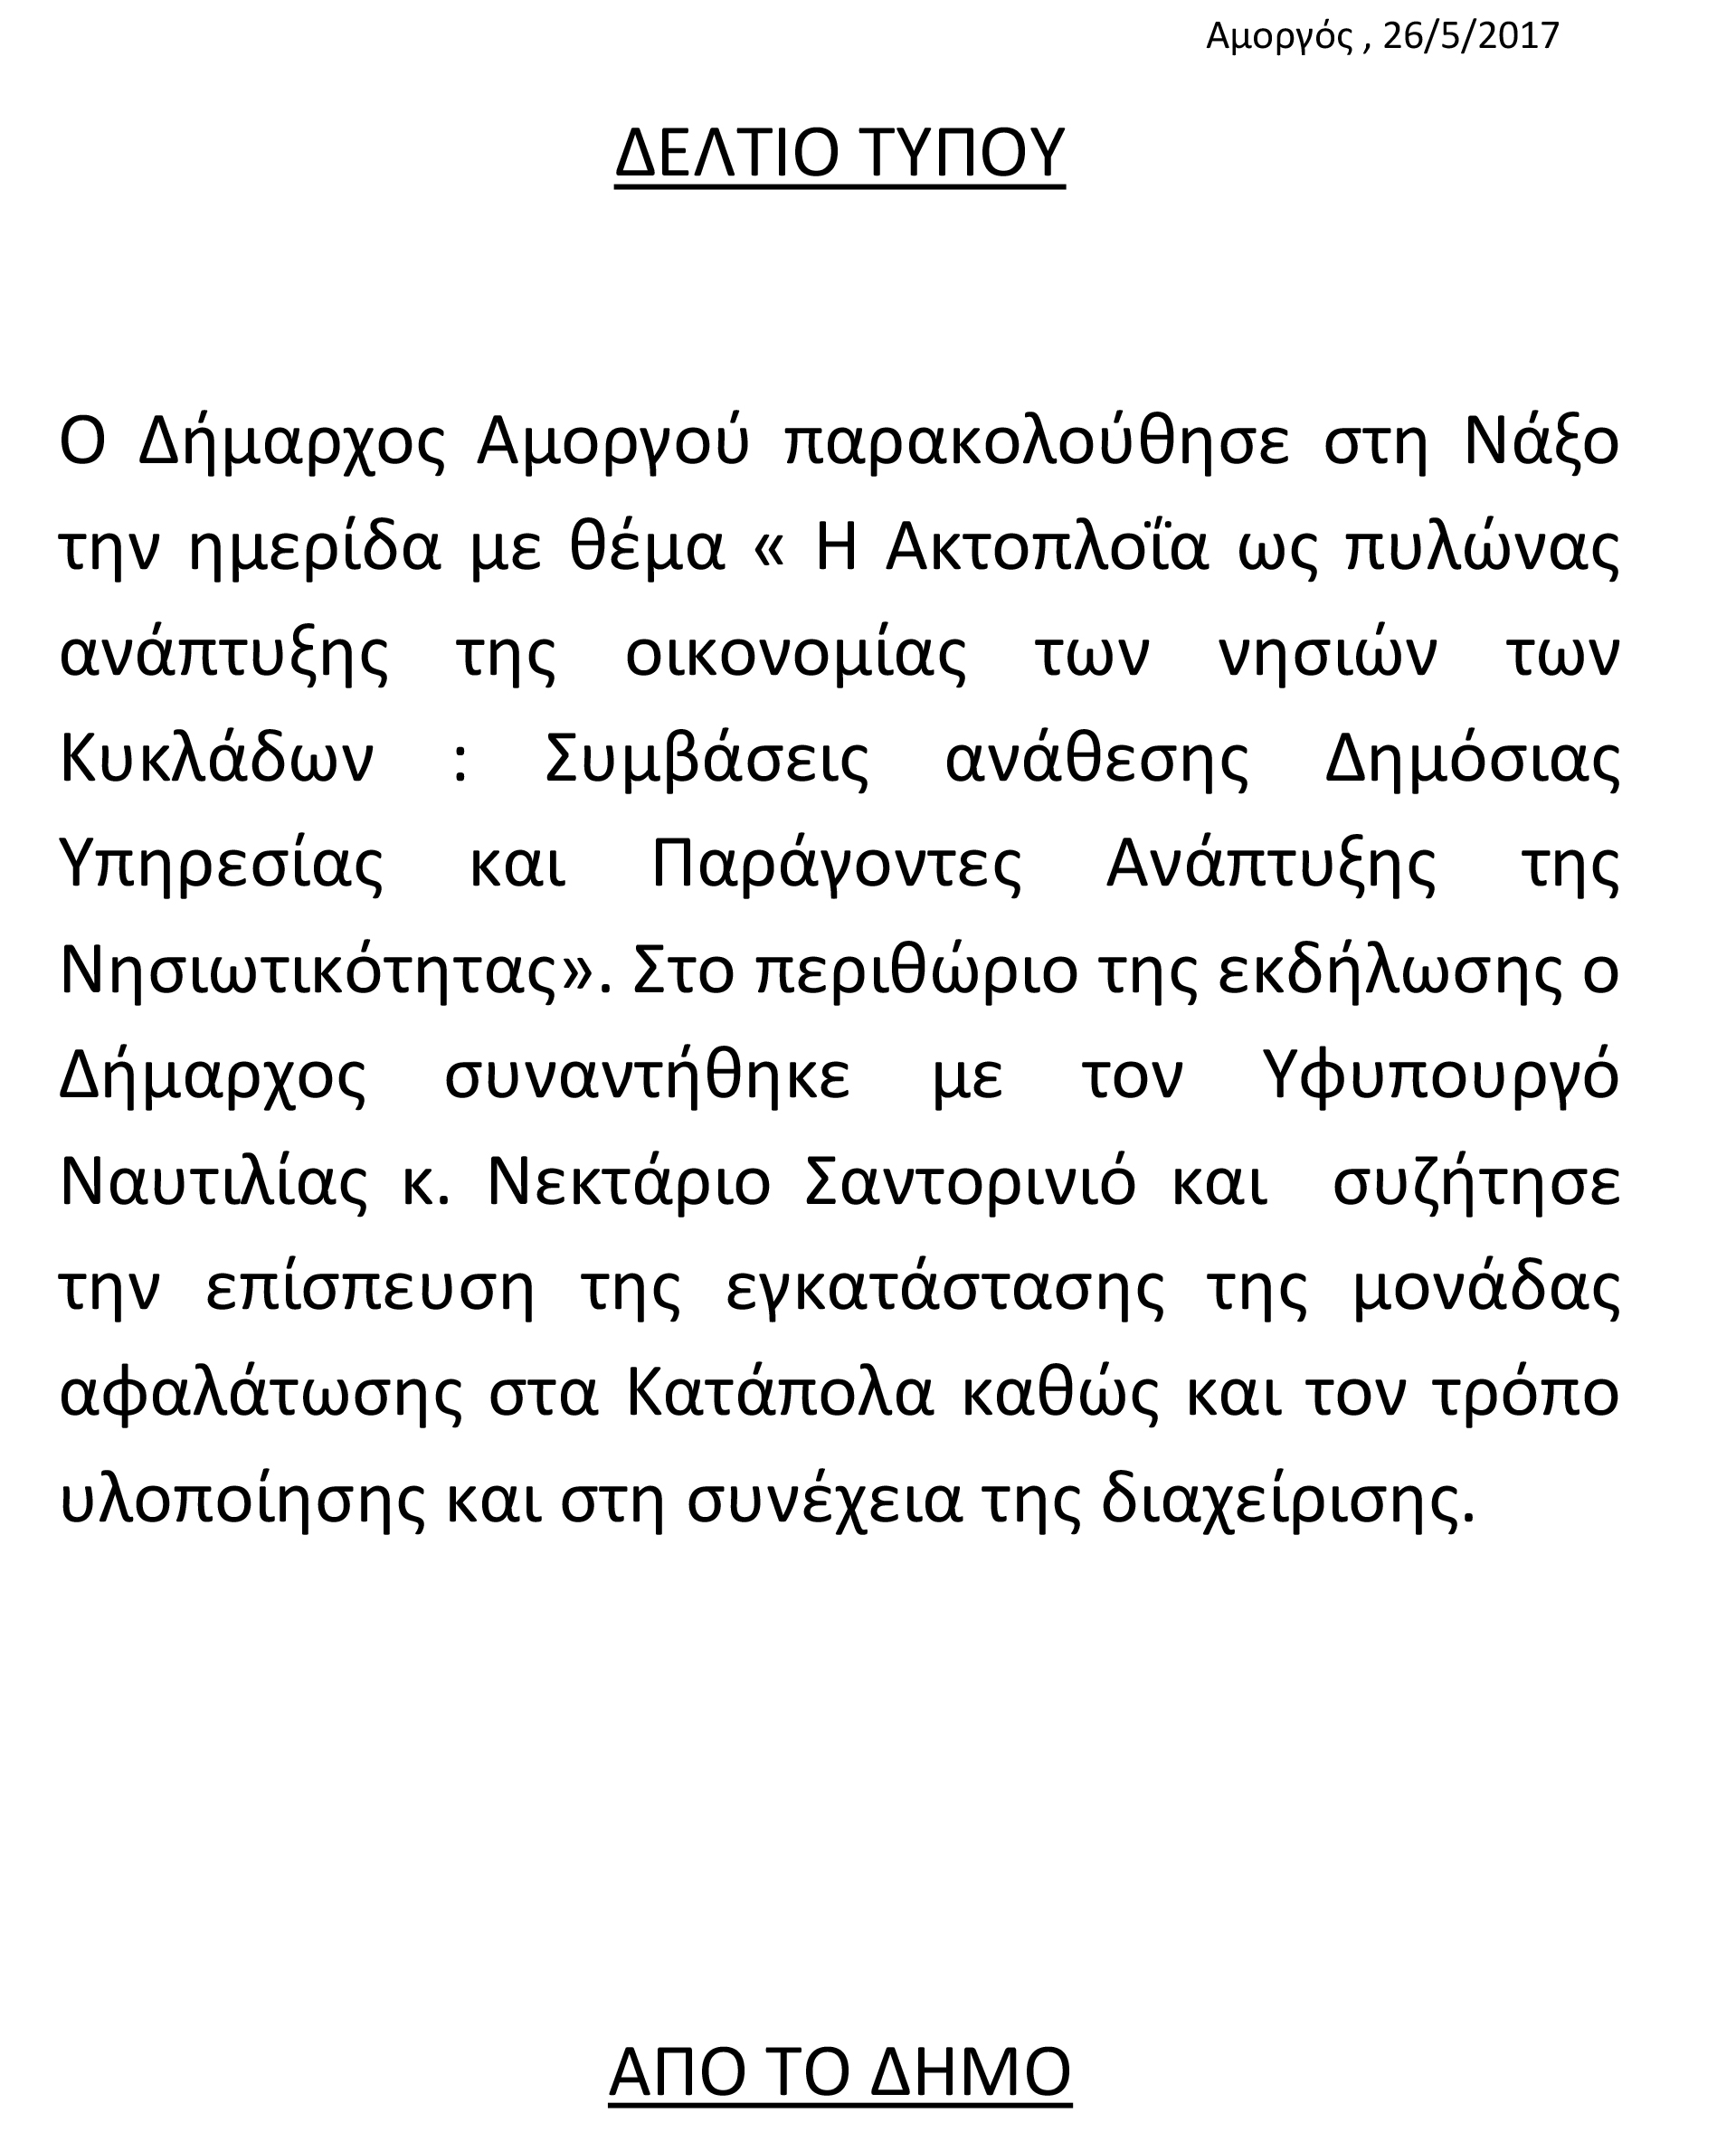 ΔΕΛΤΙΟ ΤΥΠΟΥ - ΗΜΕΡΙΔΑ ΣΤΗ ΝΑΞΟ